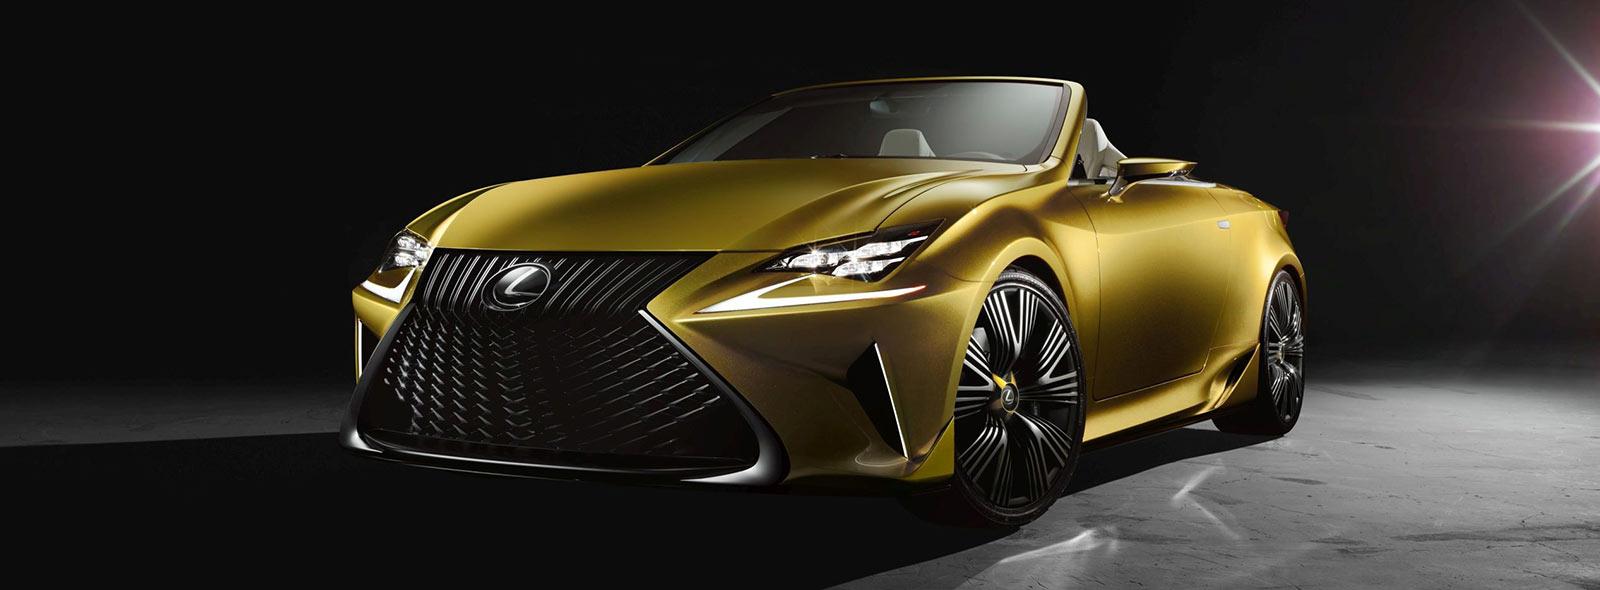 Lexus LF C2 Concept Convertible Front